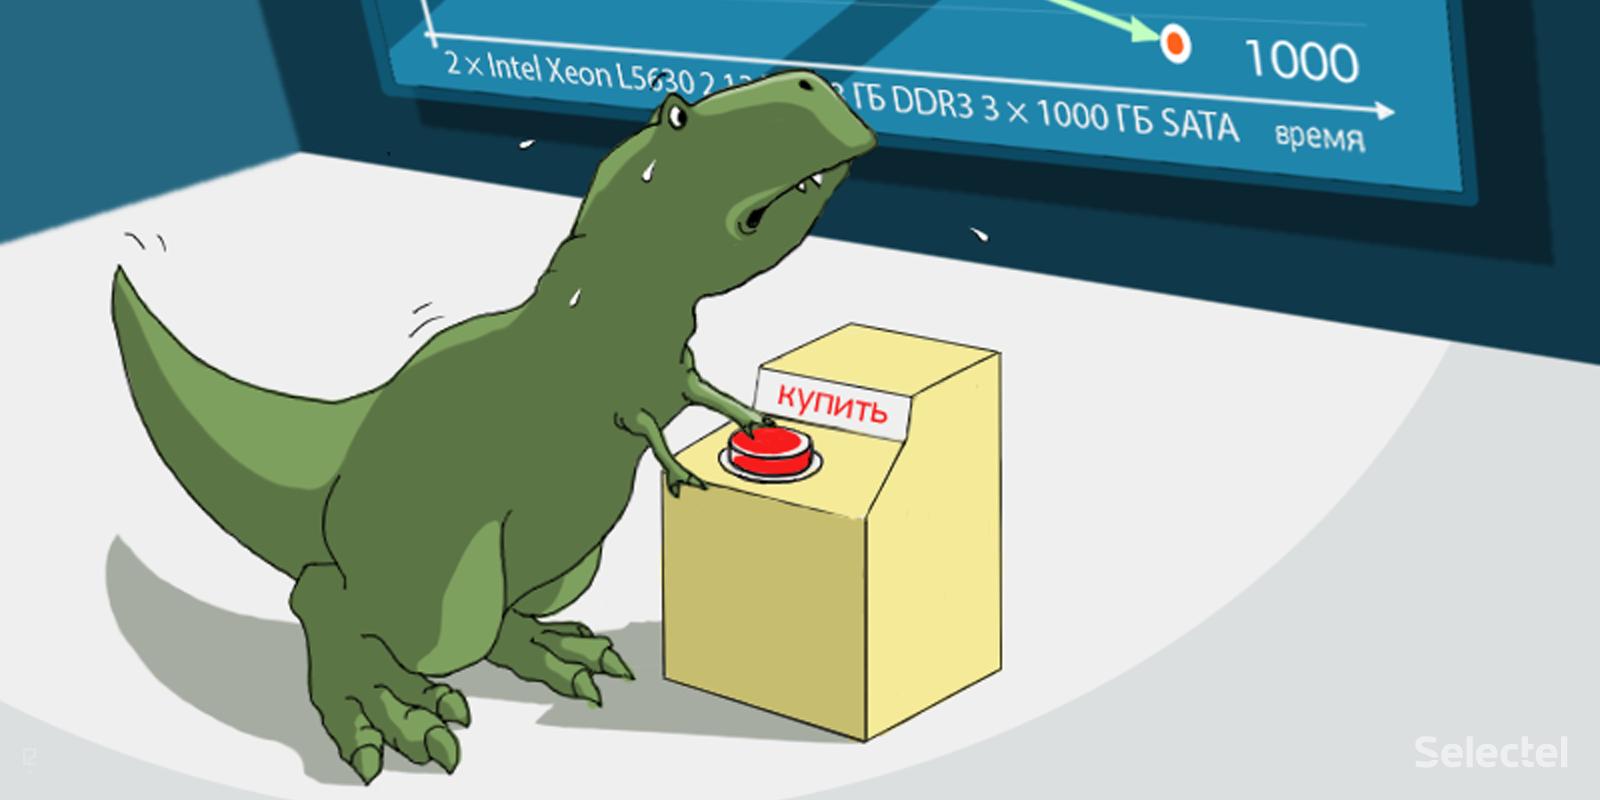 Распродажа выделенных серверов